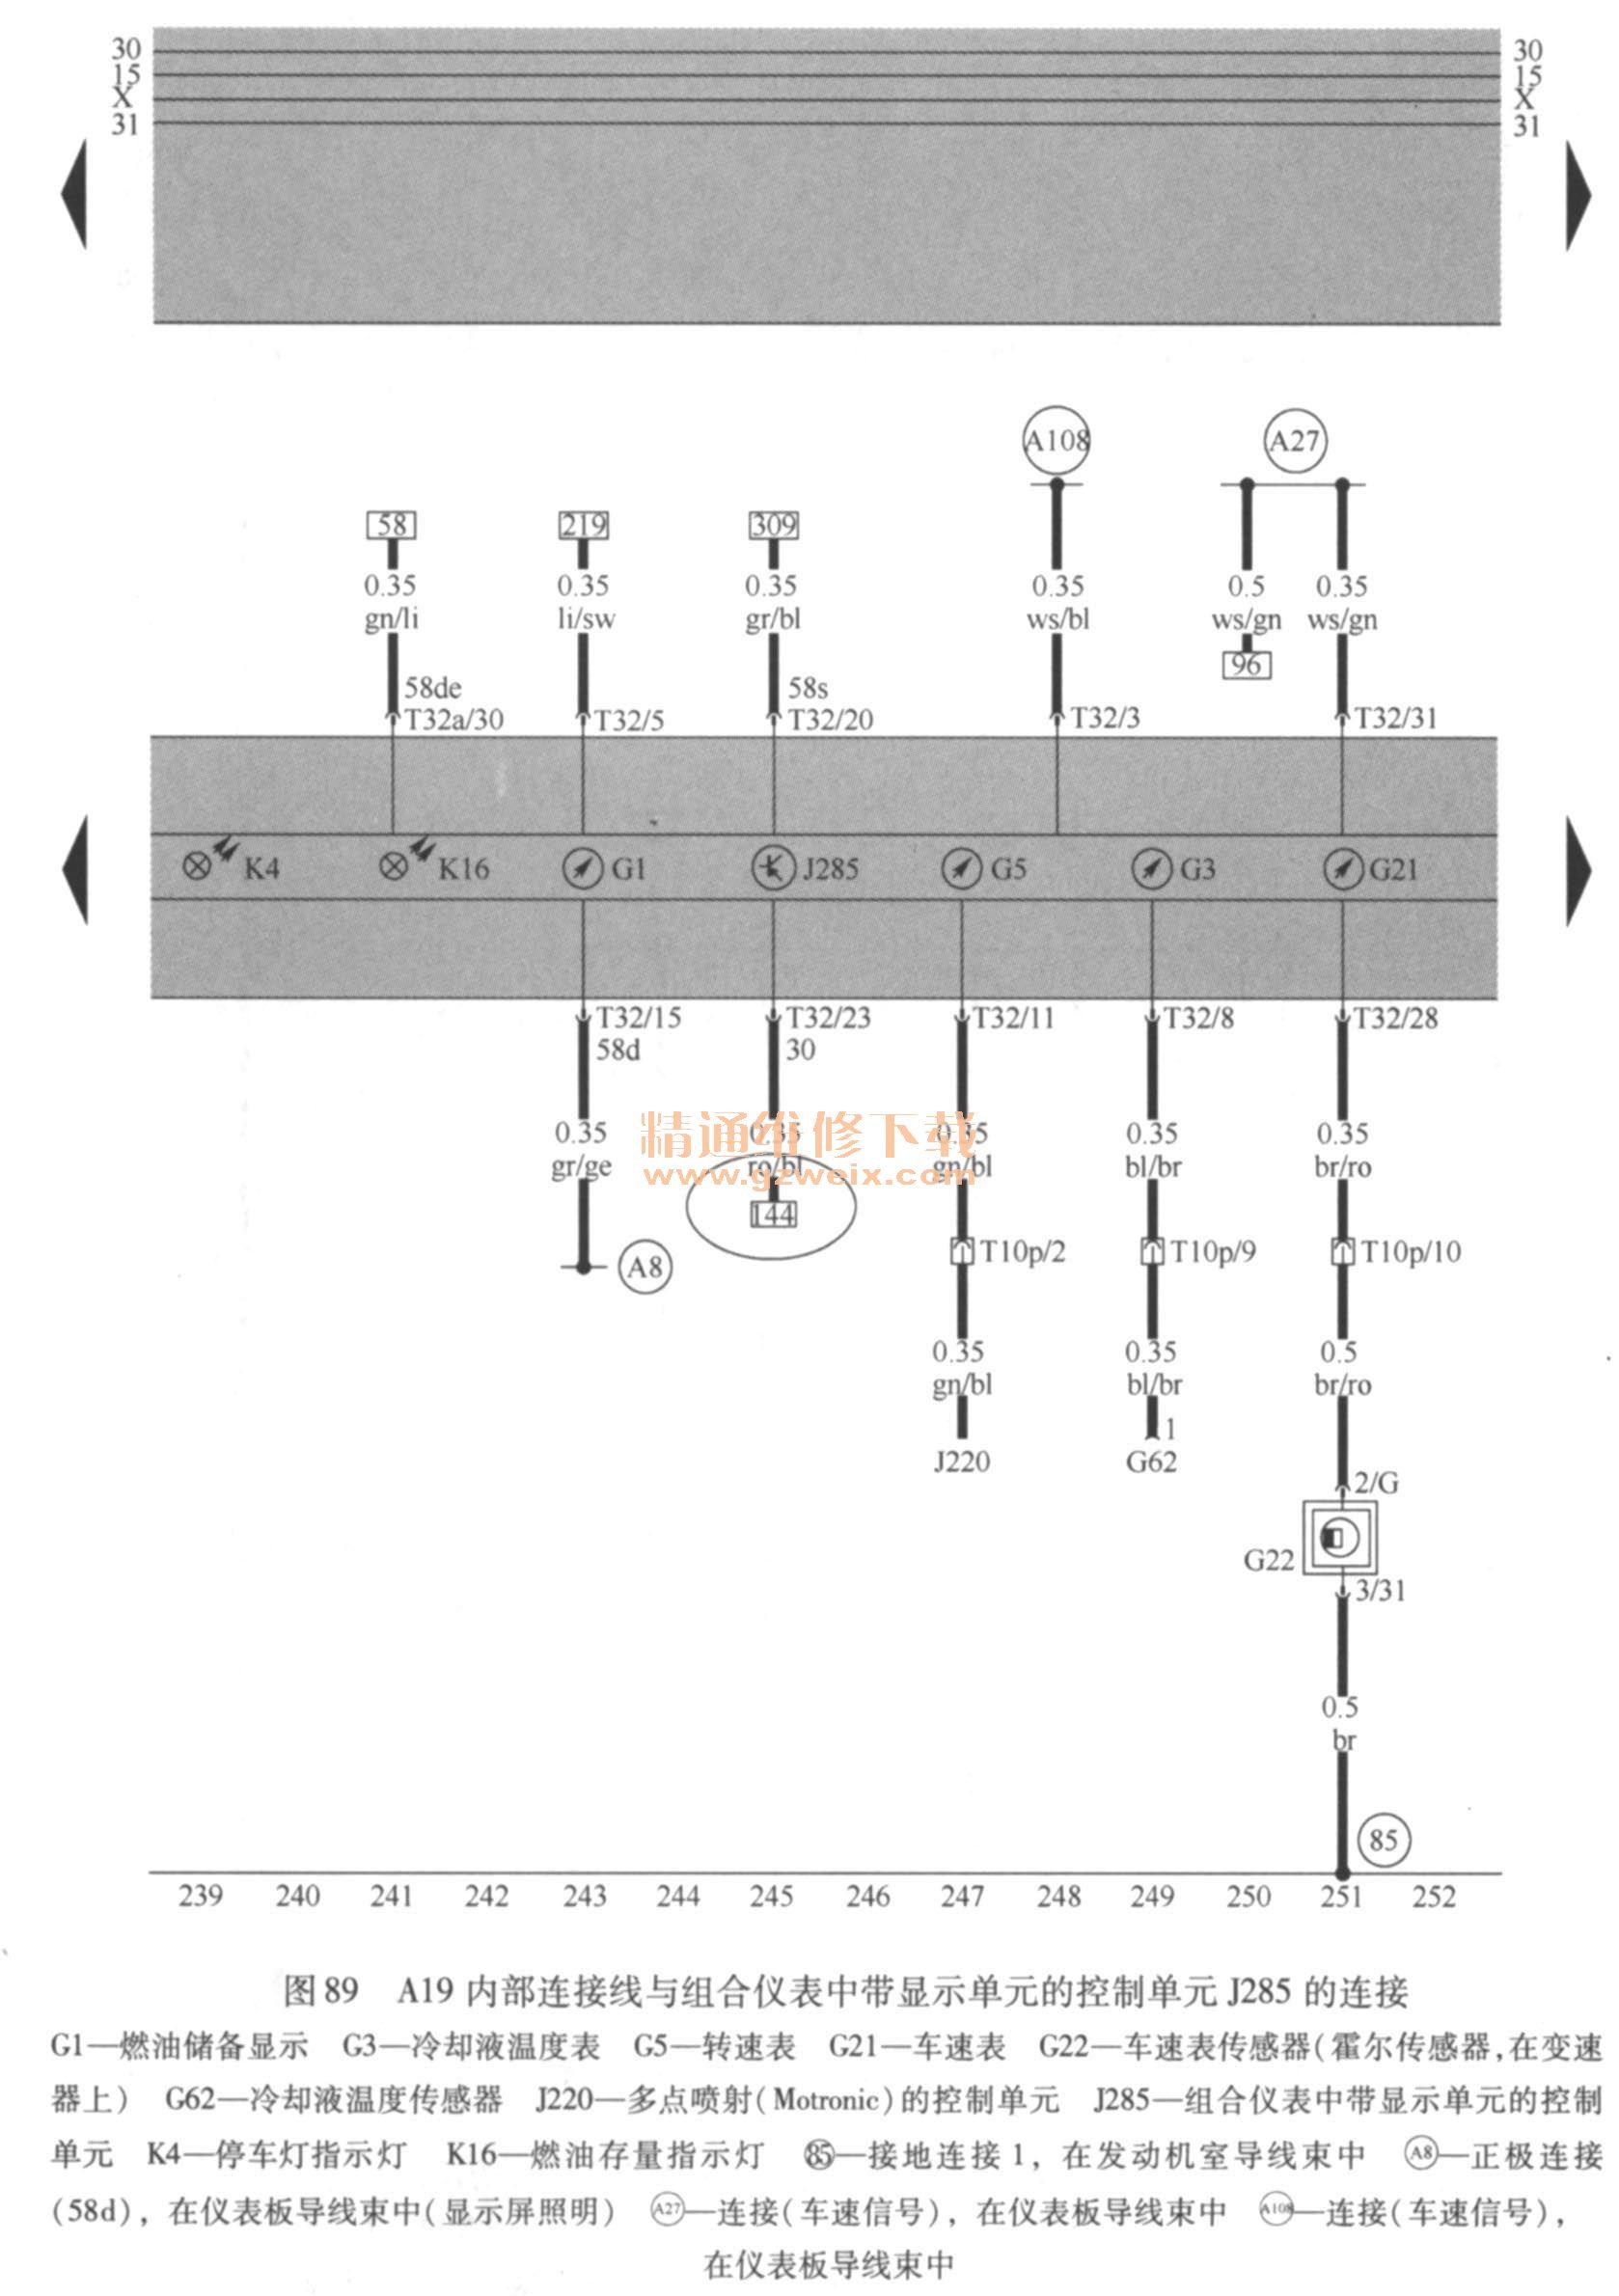 奥迪A6组合仪表里程数和时钟不能显示高清图片